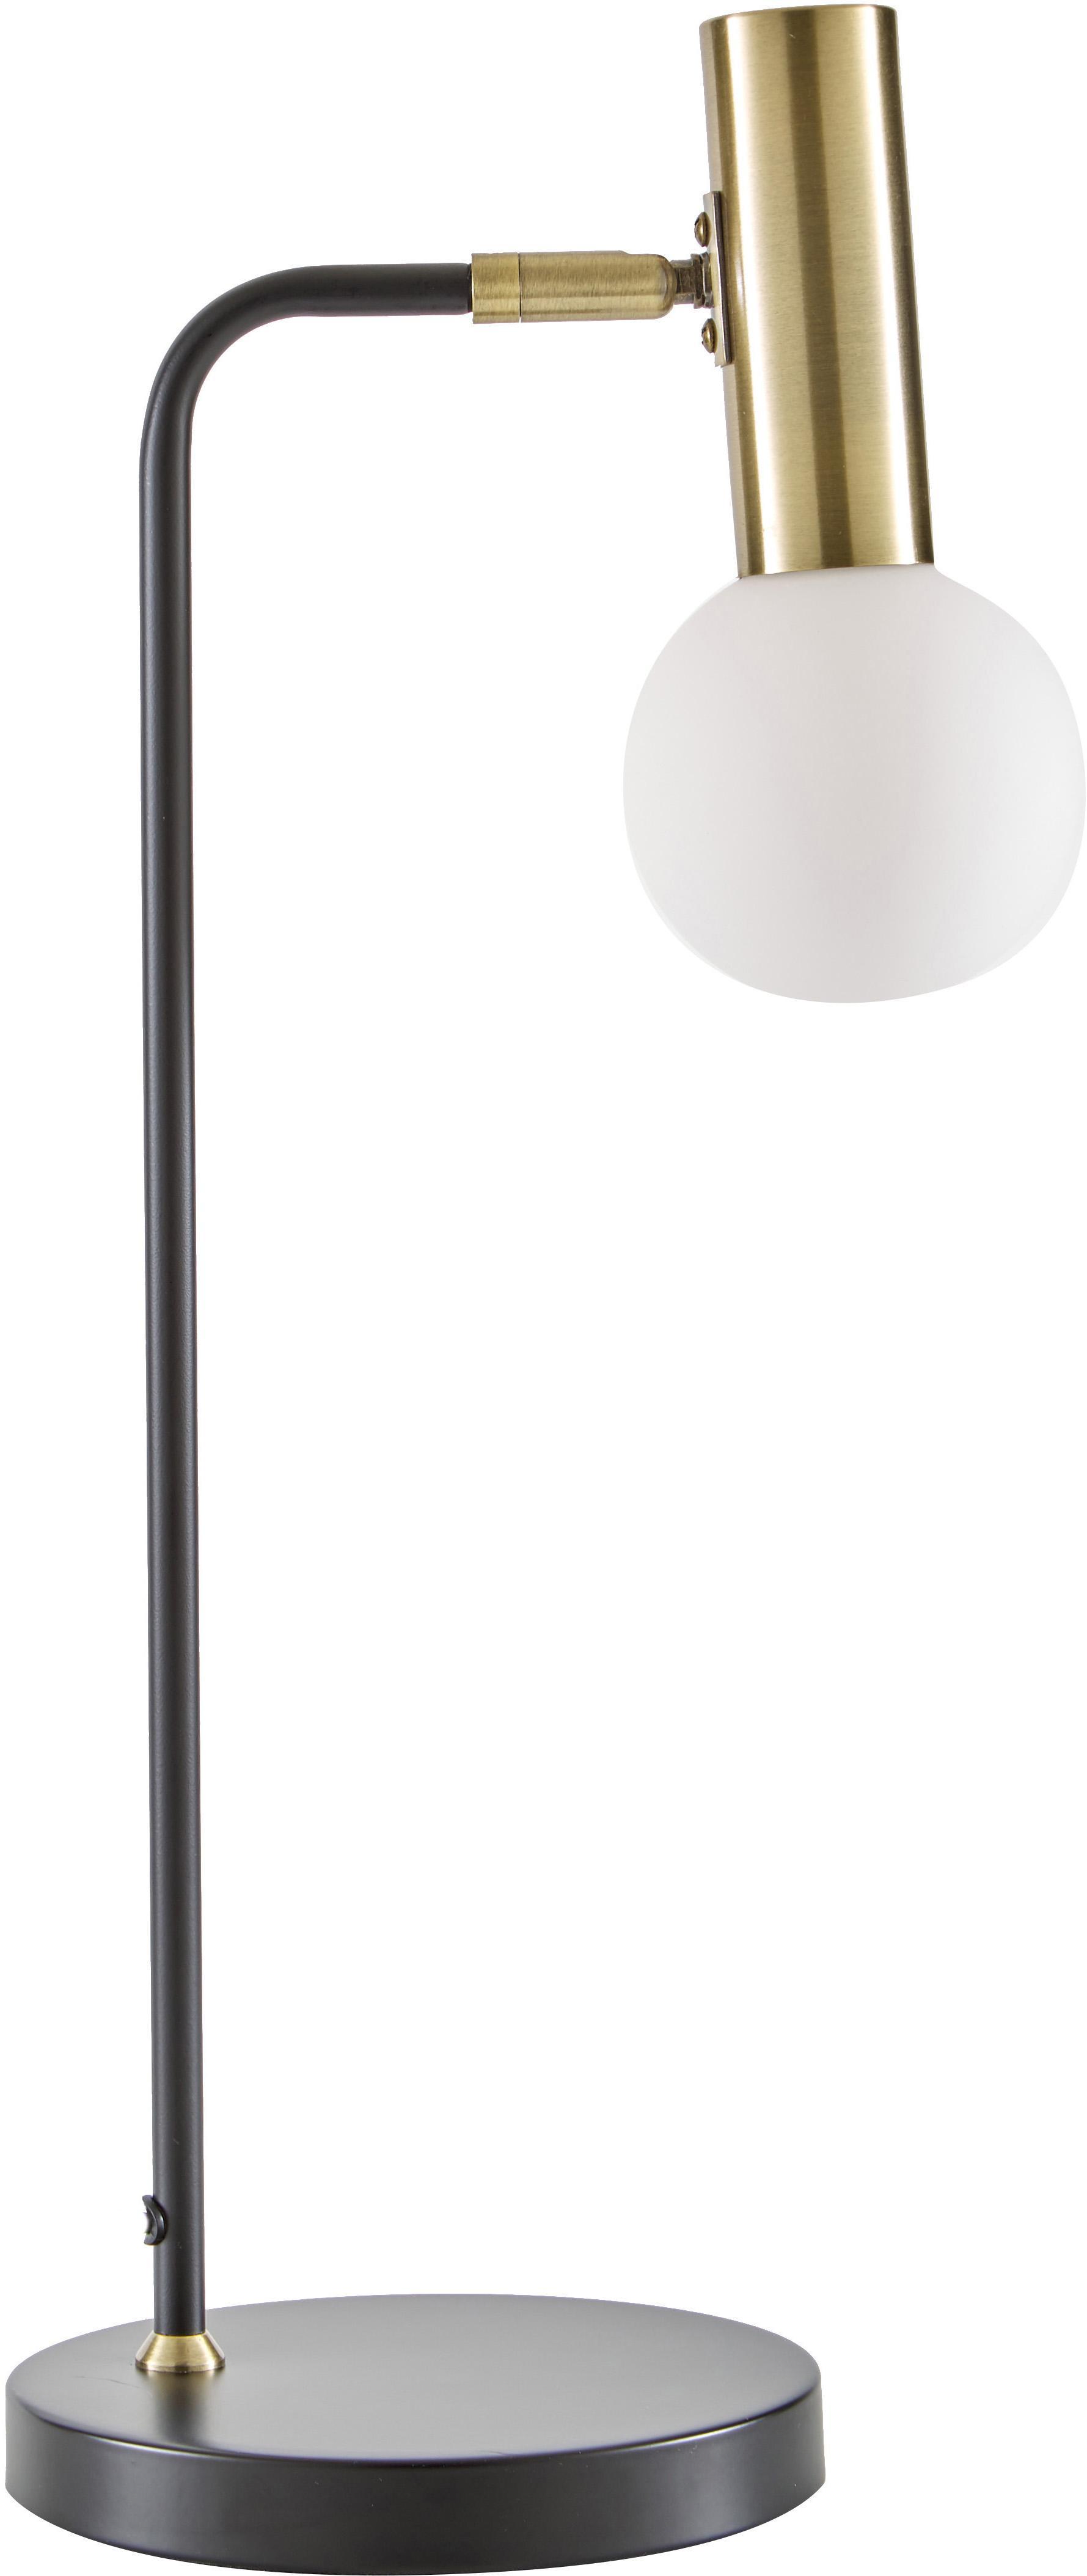 Lampada da tavolo a LED Wilson, Base della lampada: metallo, Paralume: vetro, Nero, Ø 22 x Alt. 54 cm